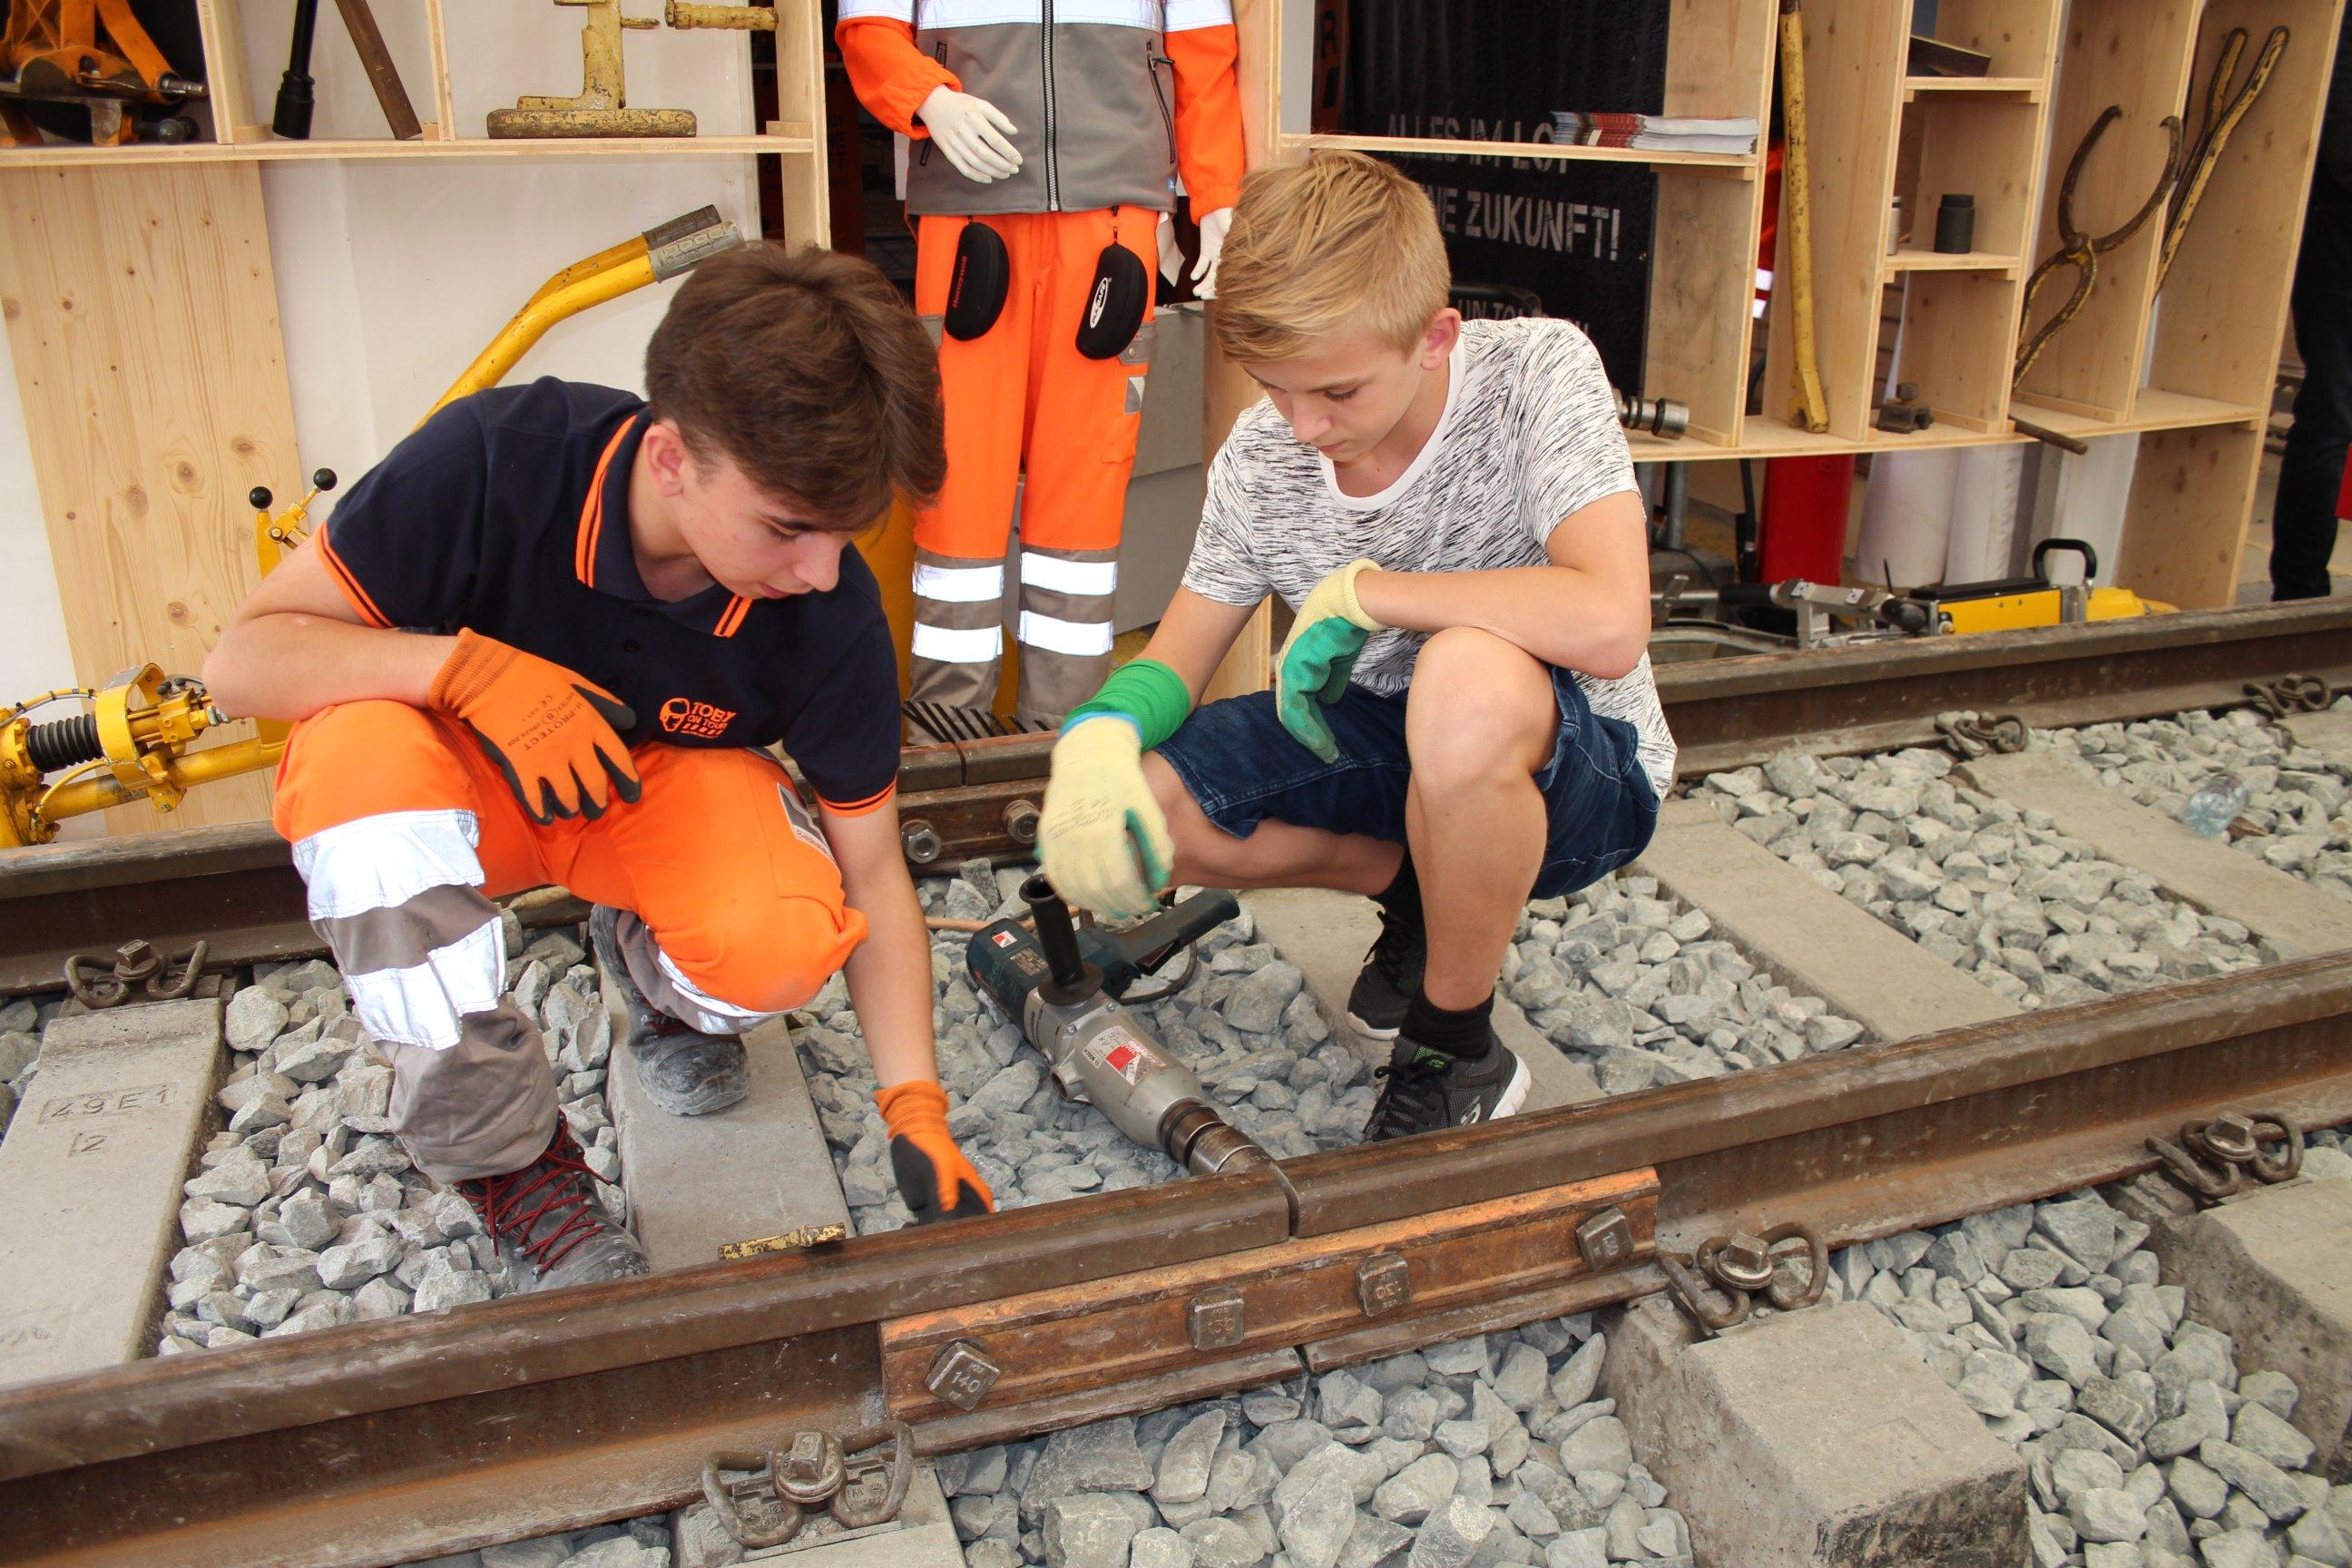 Gleisbau ist ein wichtiges Berufsfeld im Bauhauptgewerbe